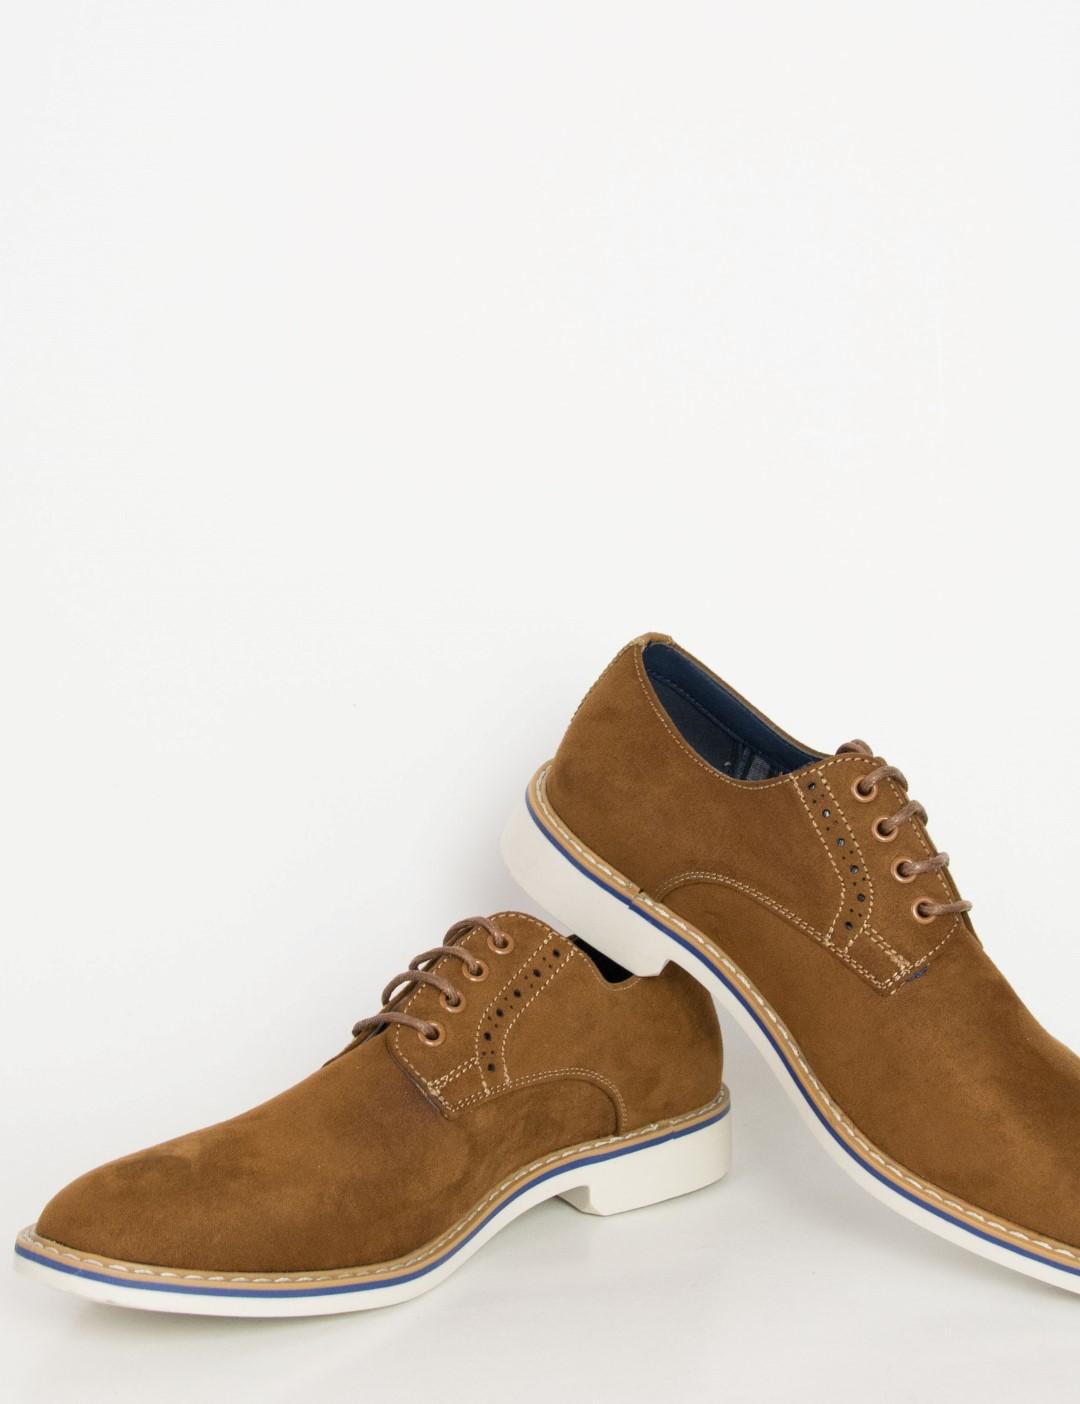 afed0b9f63ba Ανδρικά μπλε σουέντ δετά παπούτσια Casual EL0636 | oeek.gr